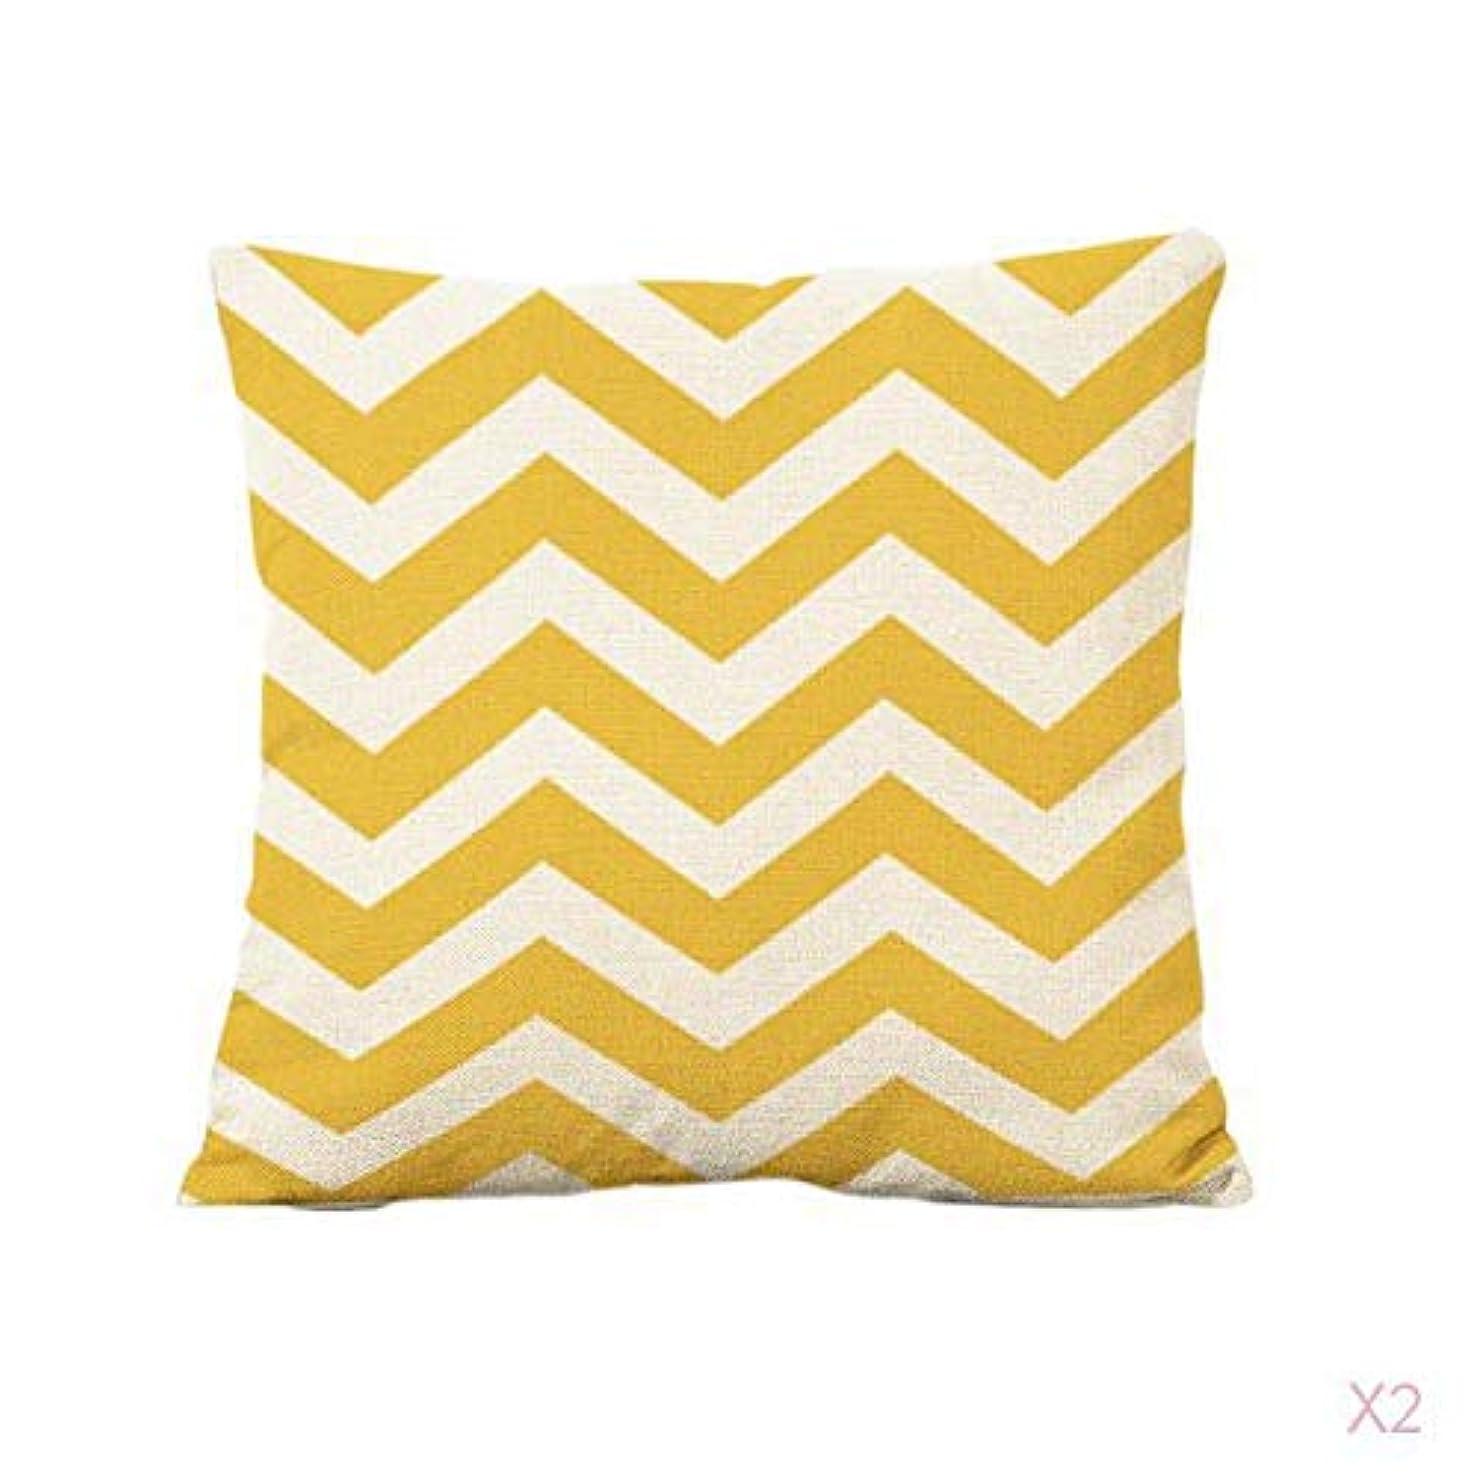 スラム敵対的複製黄色のホームオフィスのソファの装飾波ストライプリネン枕カバークッションカバー